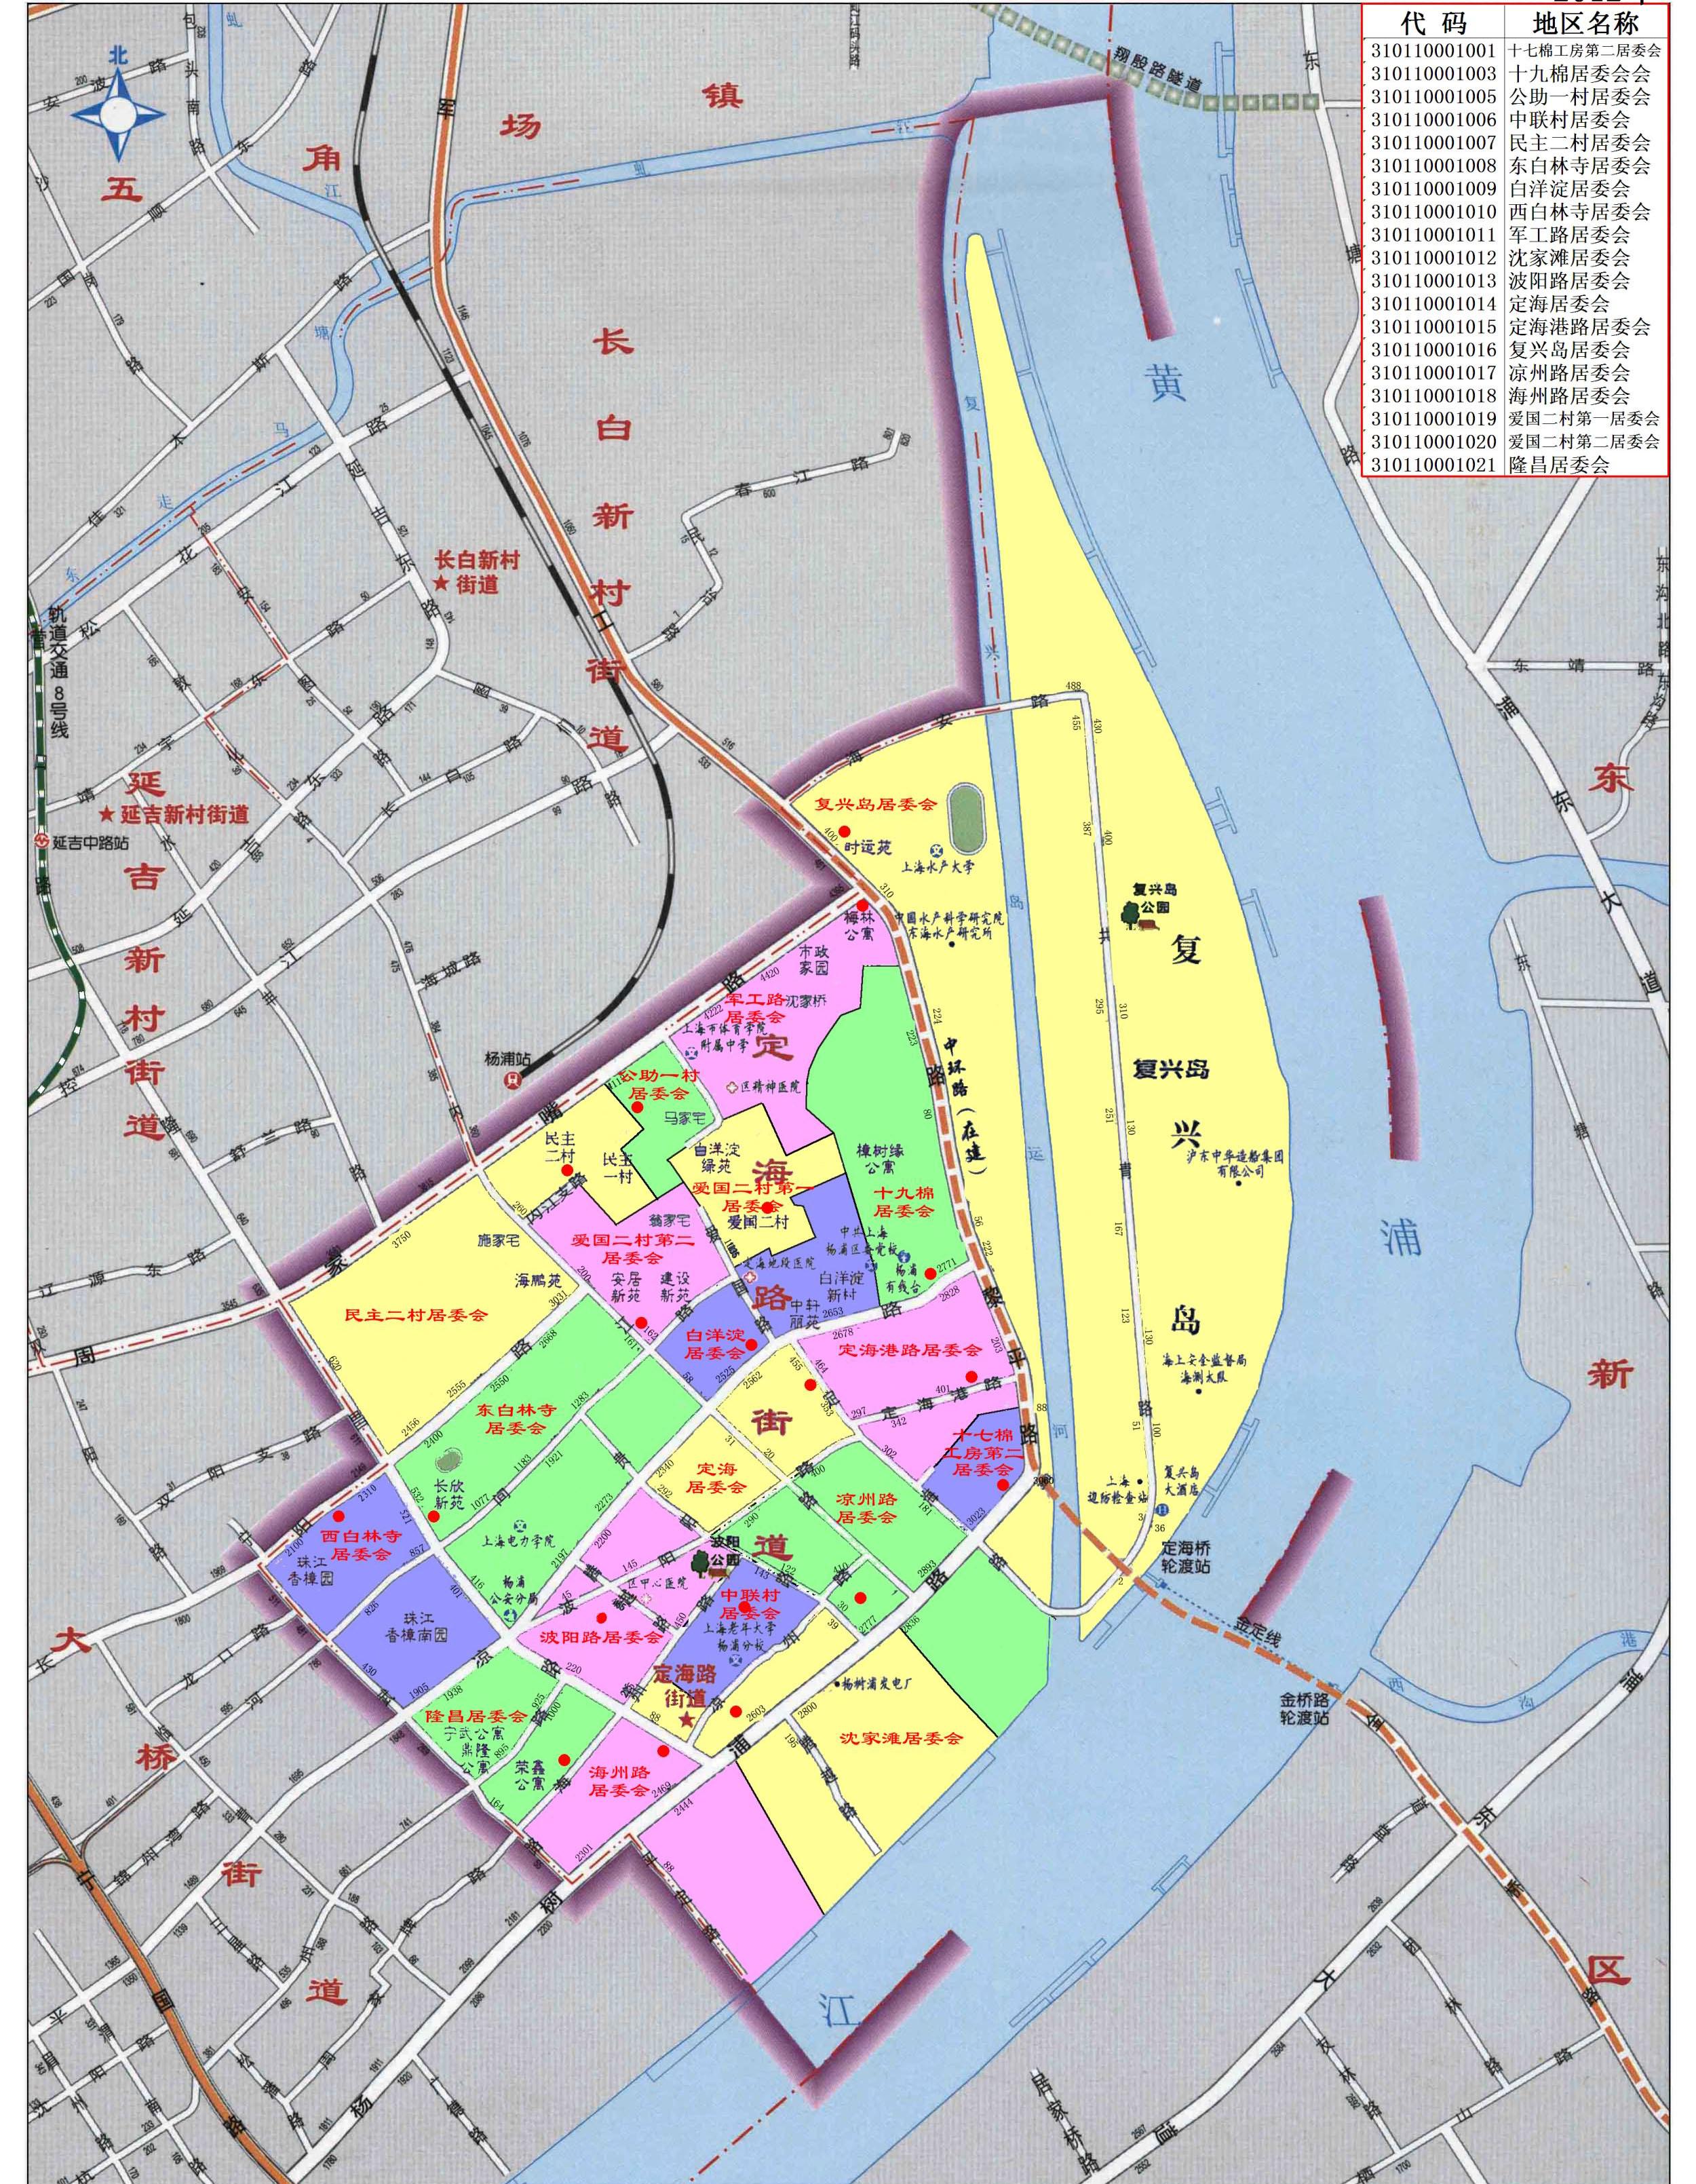 杨浦区定海路街道地图_杨浦区地图查询